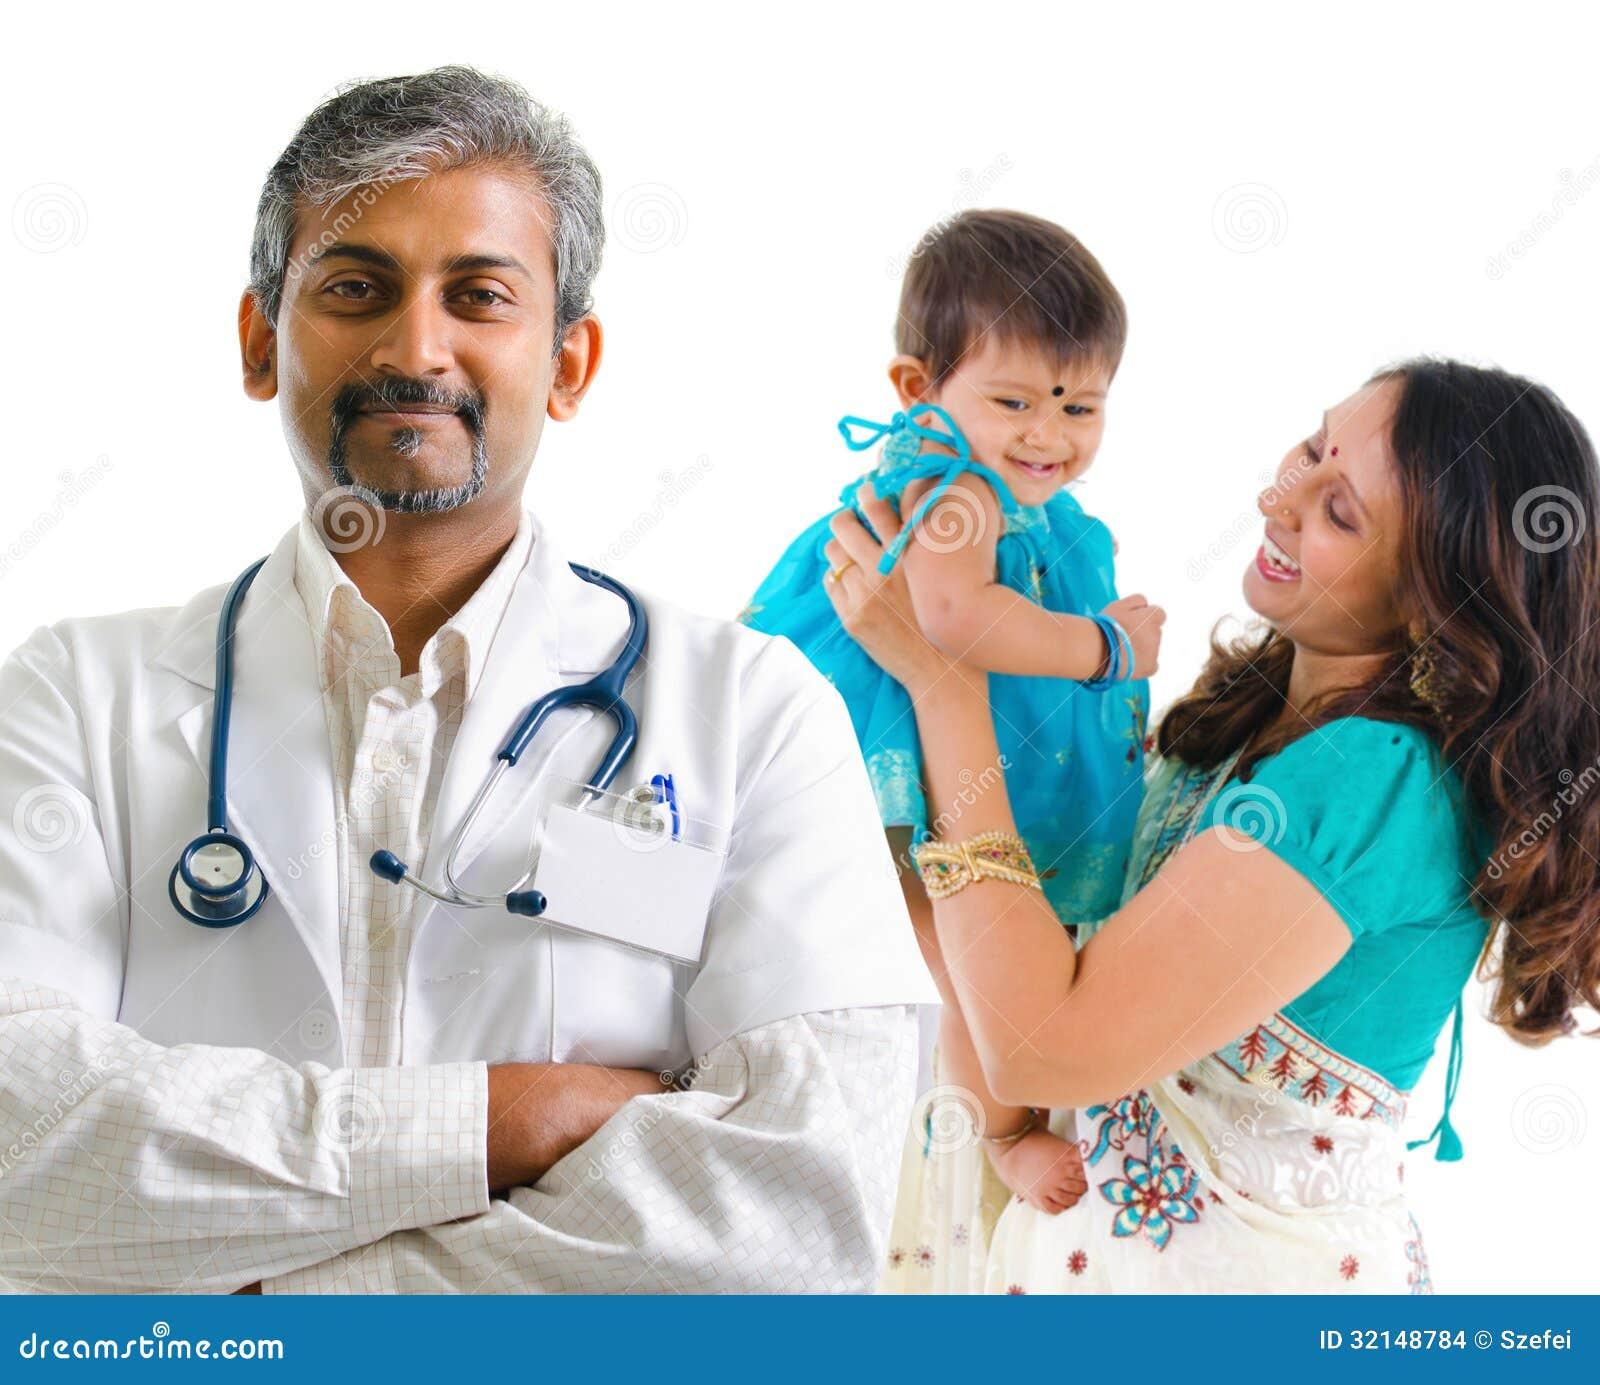 Indischer Arzt Fickt Patientin